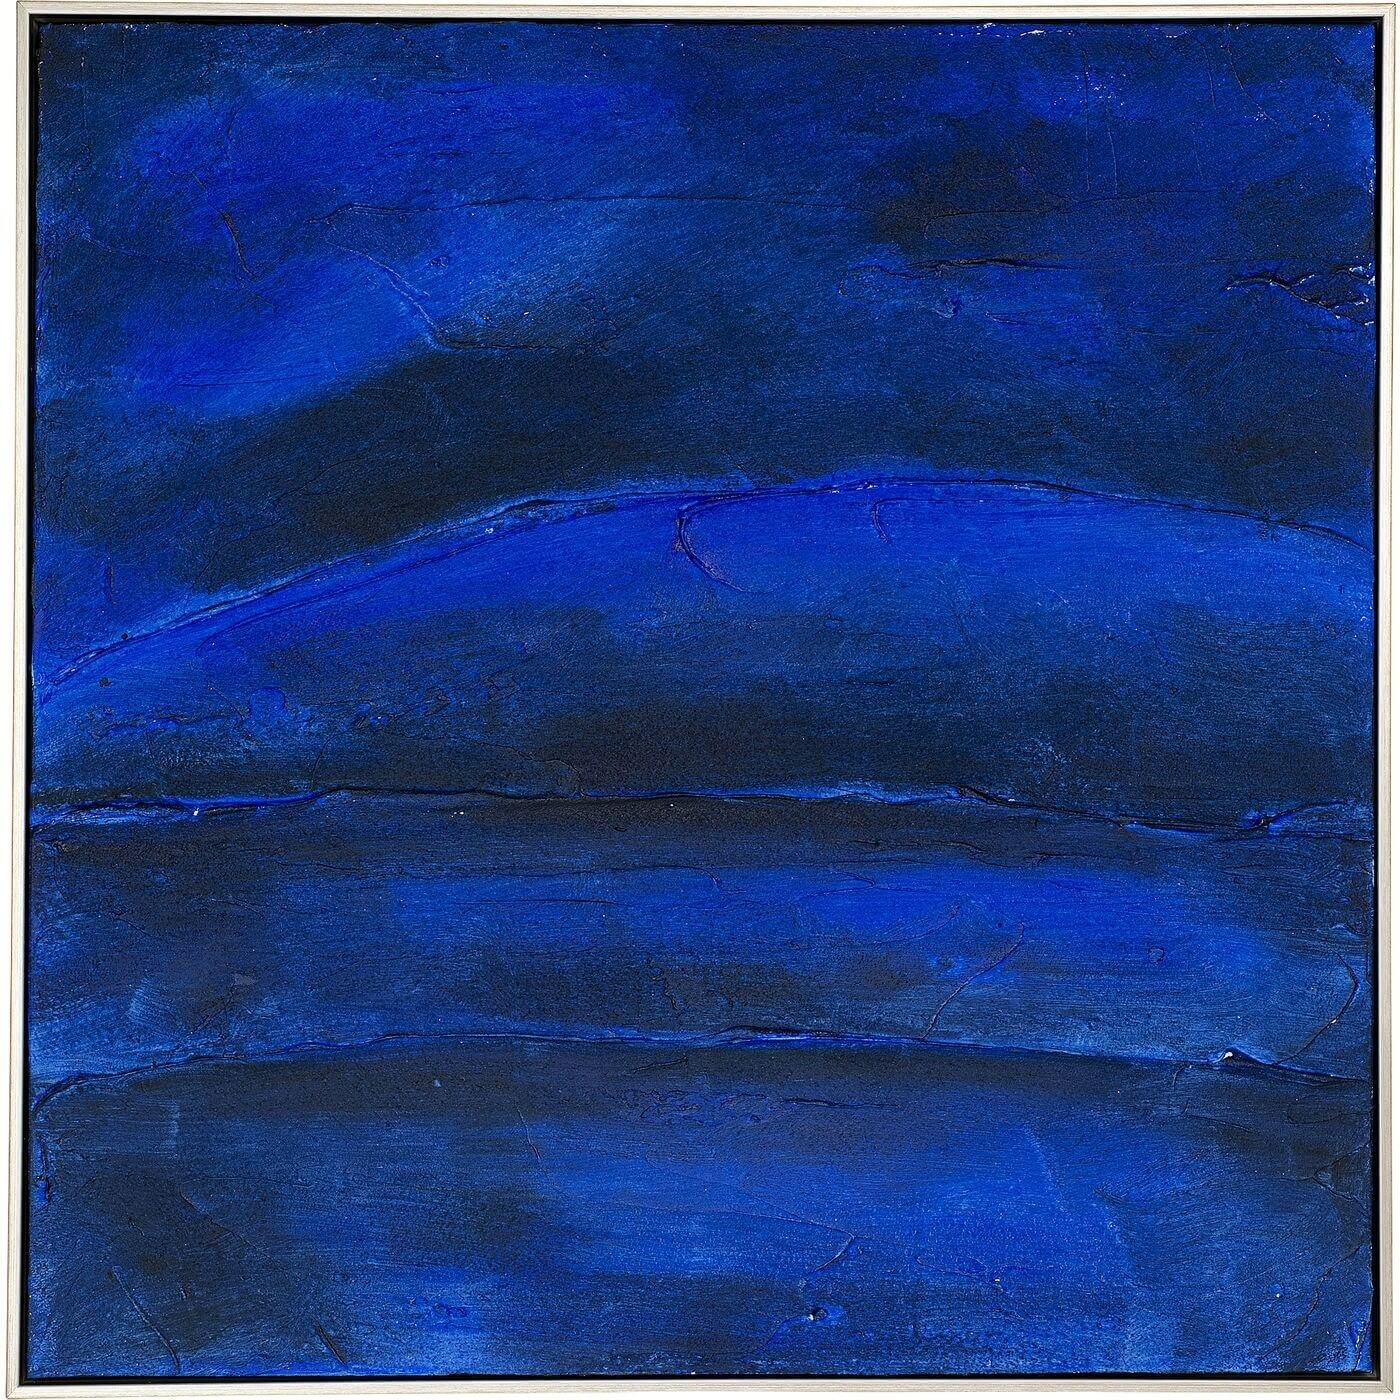 kare design – Kare design deep blue abstrakt akryl maleri - blå nuancer m. træramme (80x80) på boboonline.dk